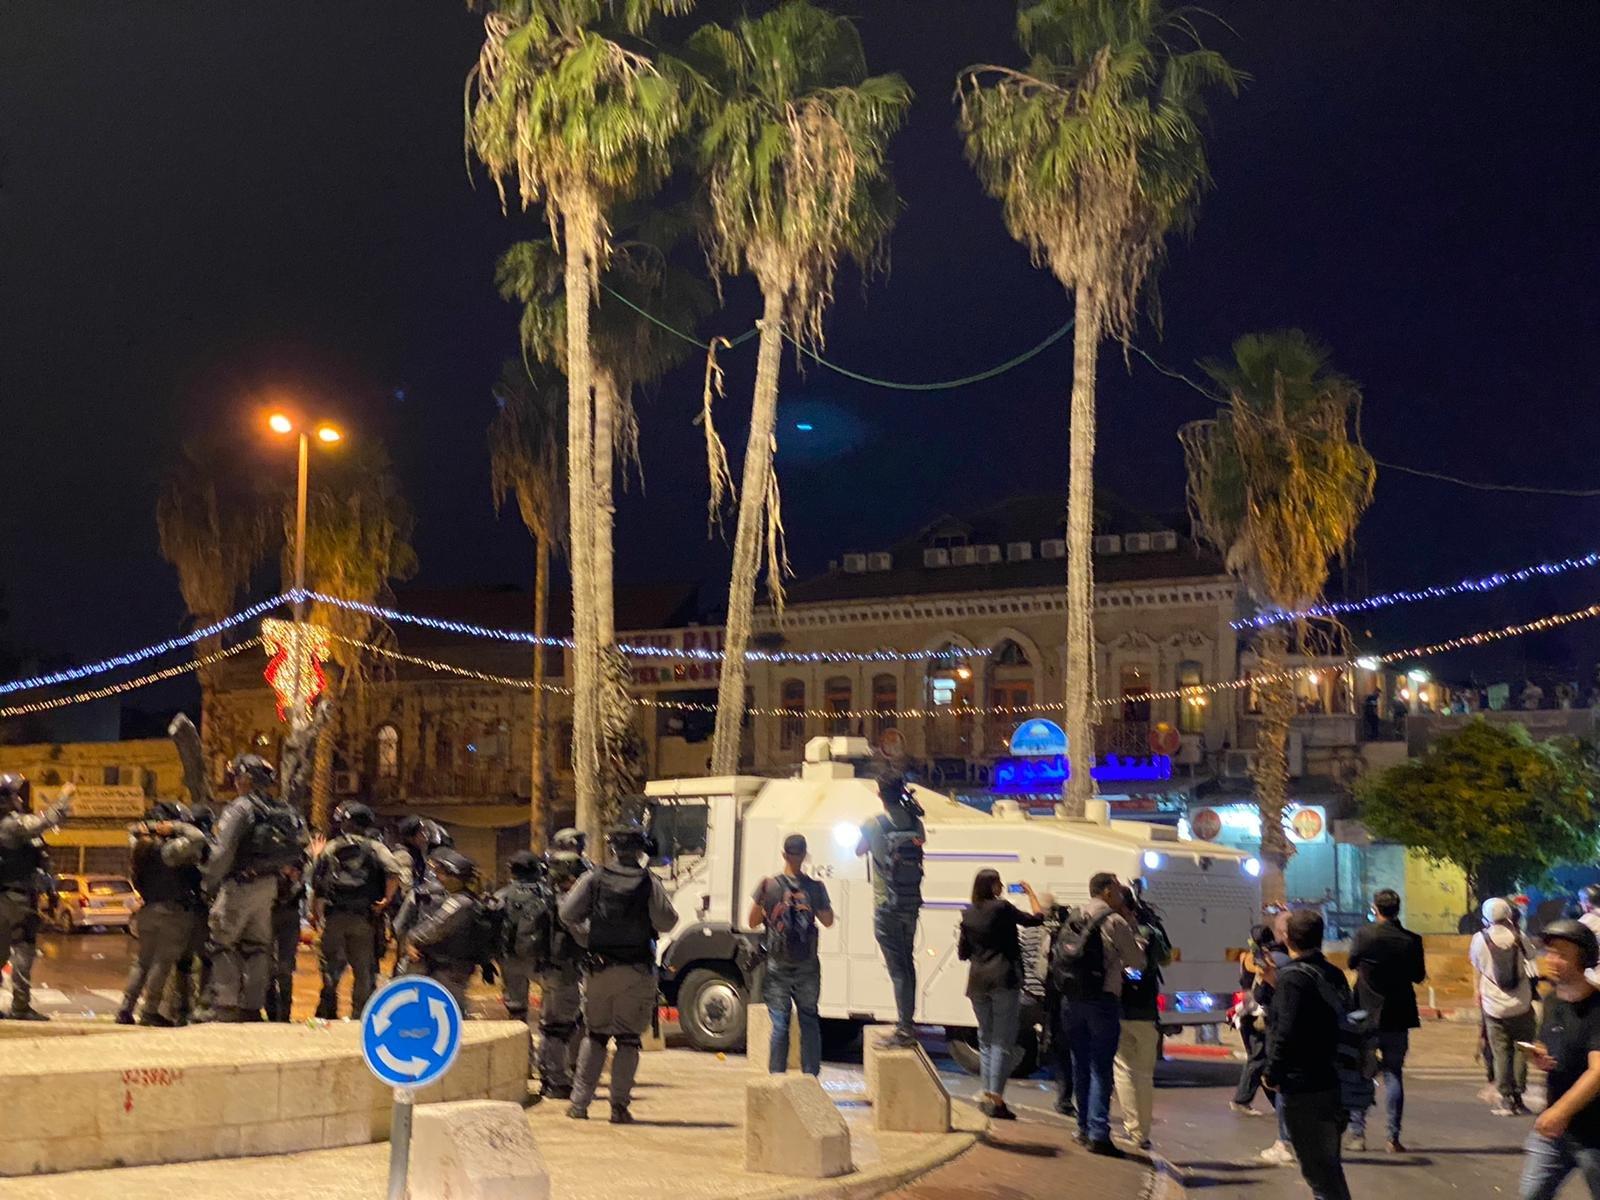 مواجهات مع الشرطة واعتقال 3 مواطنين في باب العامود بالقدس-0